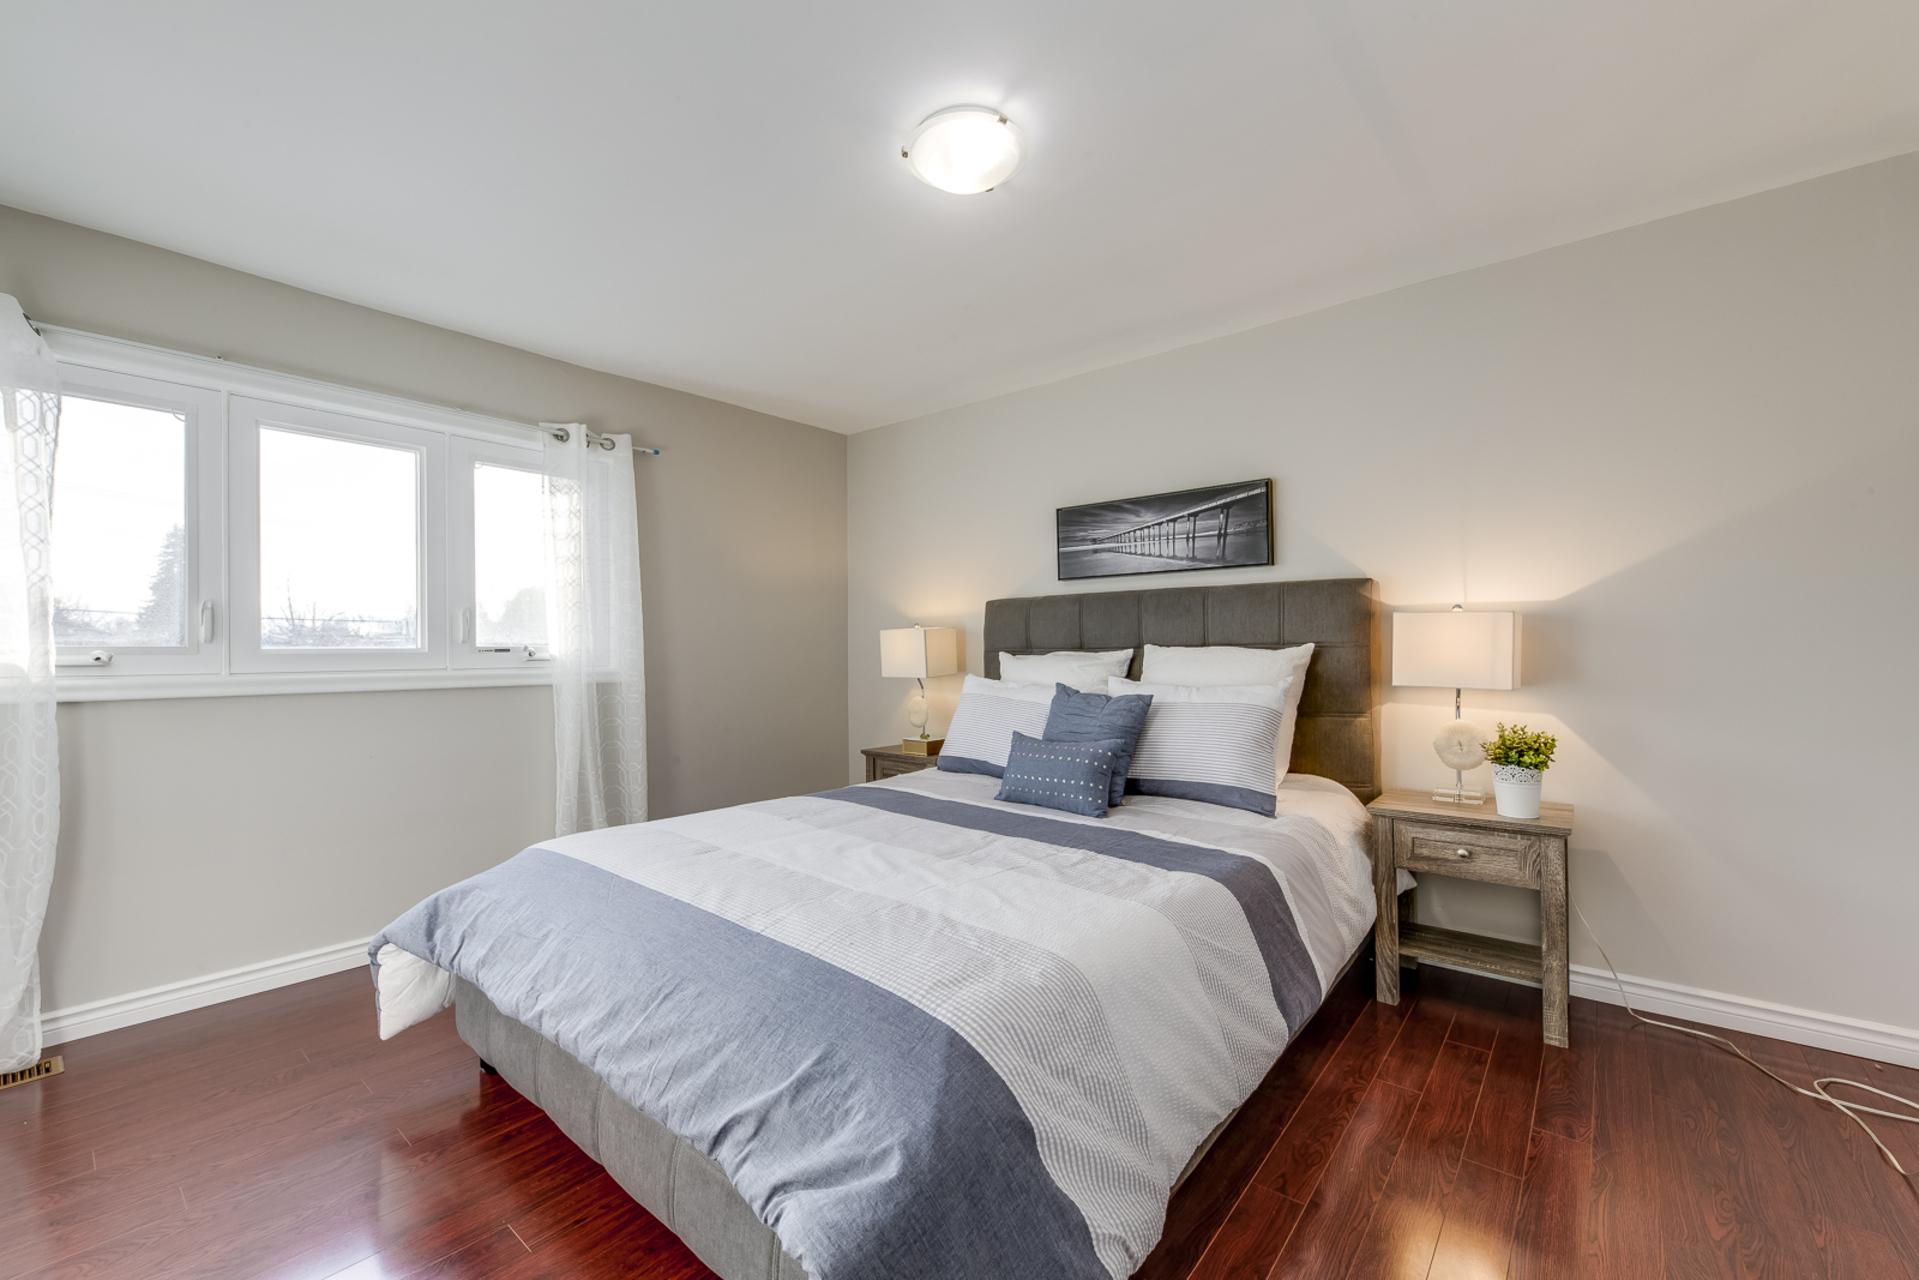 Master Bedroom - 1059 Flagship Dr, Mississauga - Elite3 & Team at 1059 Flagship Drive, Applewood, Mississauga